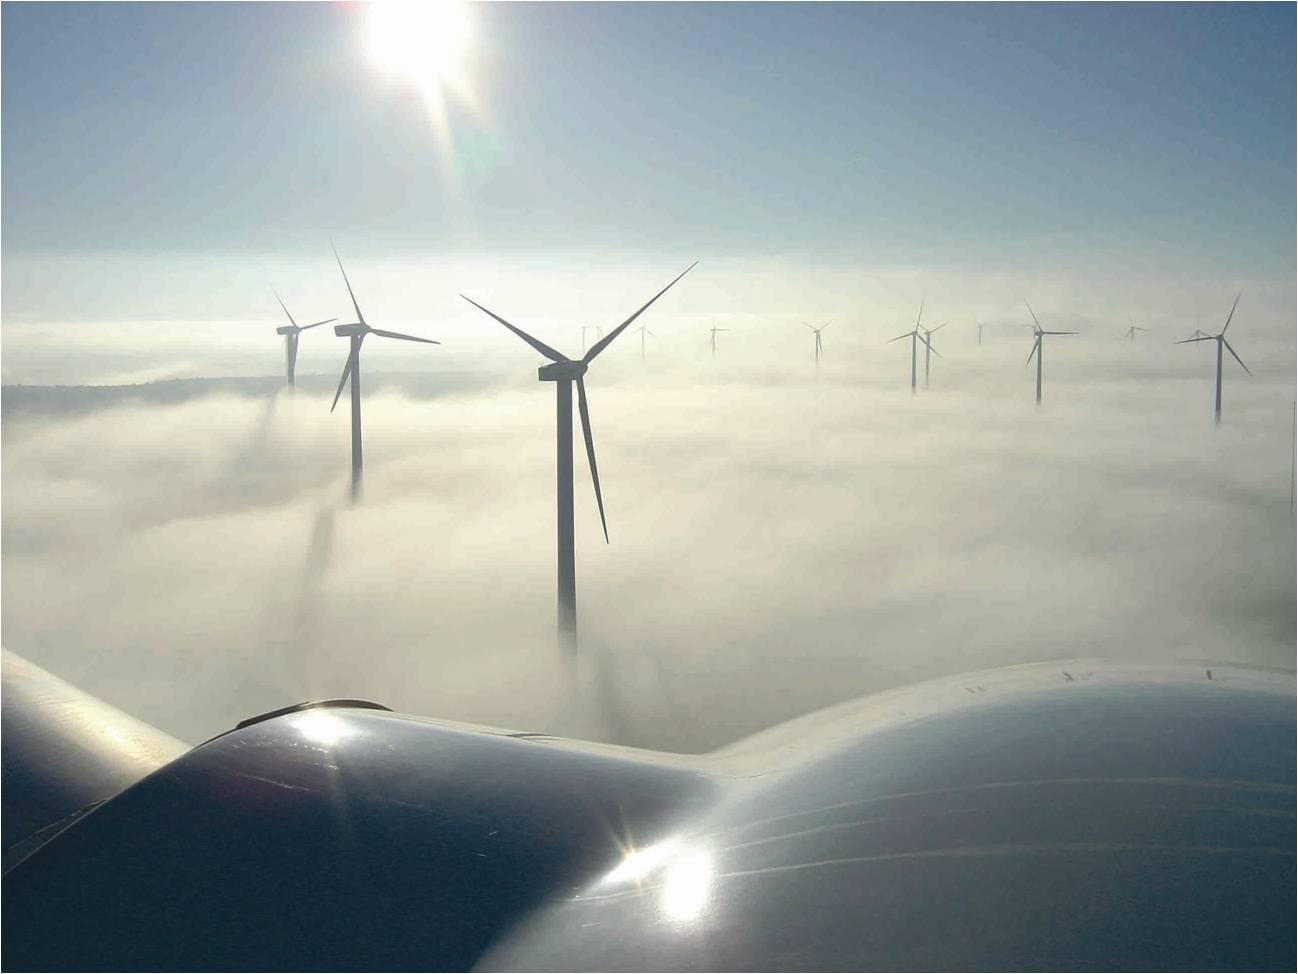 Las energías renovables aportaron el 47% de la electricidad: eólica (25,1%), termosolar (0,8%) y fotovoltaica (2,5%)